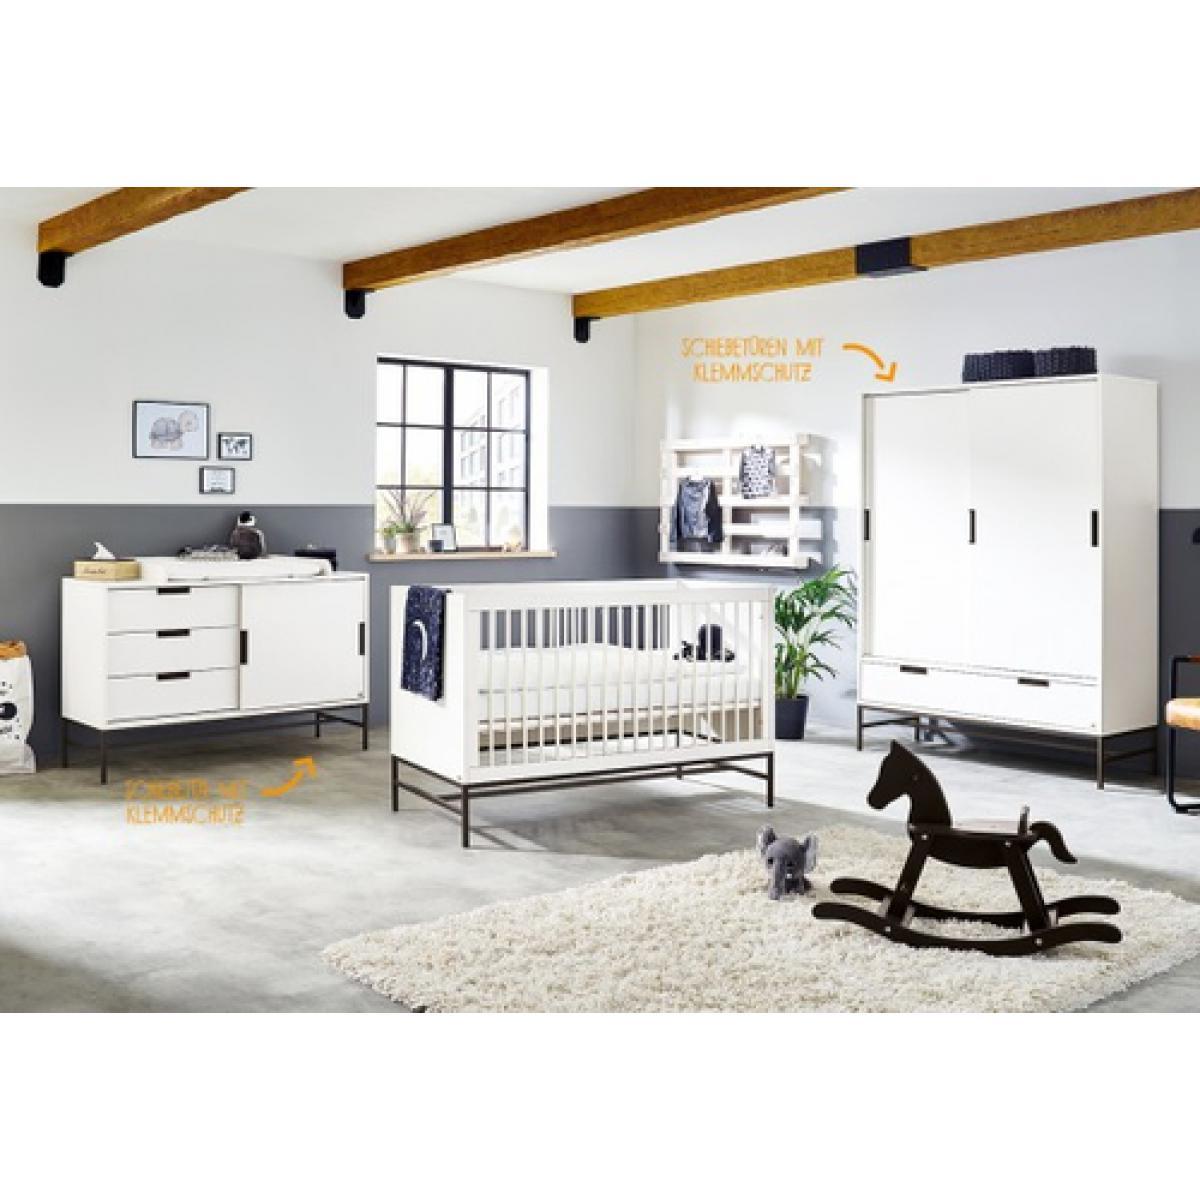 Pinolino Pinolino Chambre de bébé Steel grande 3 pièces lit de bébé évolutif commode à langer armoire grande